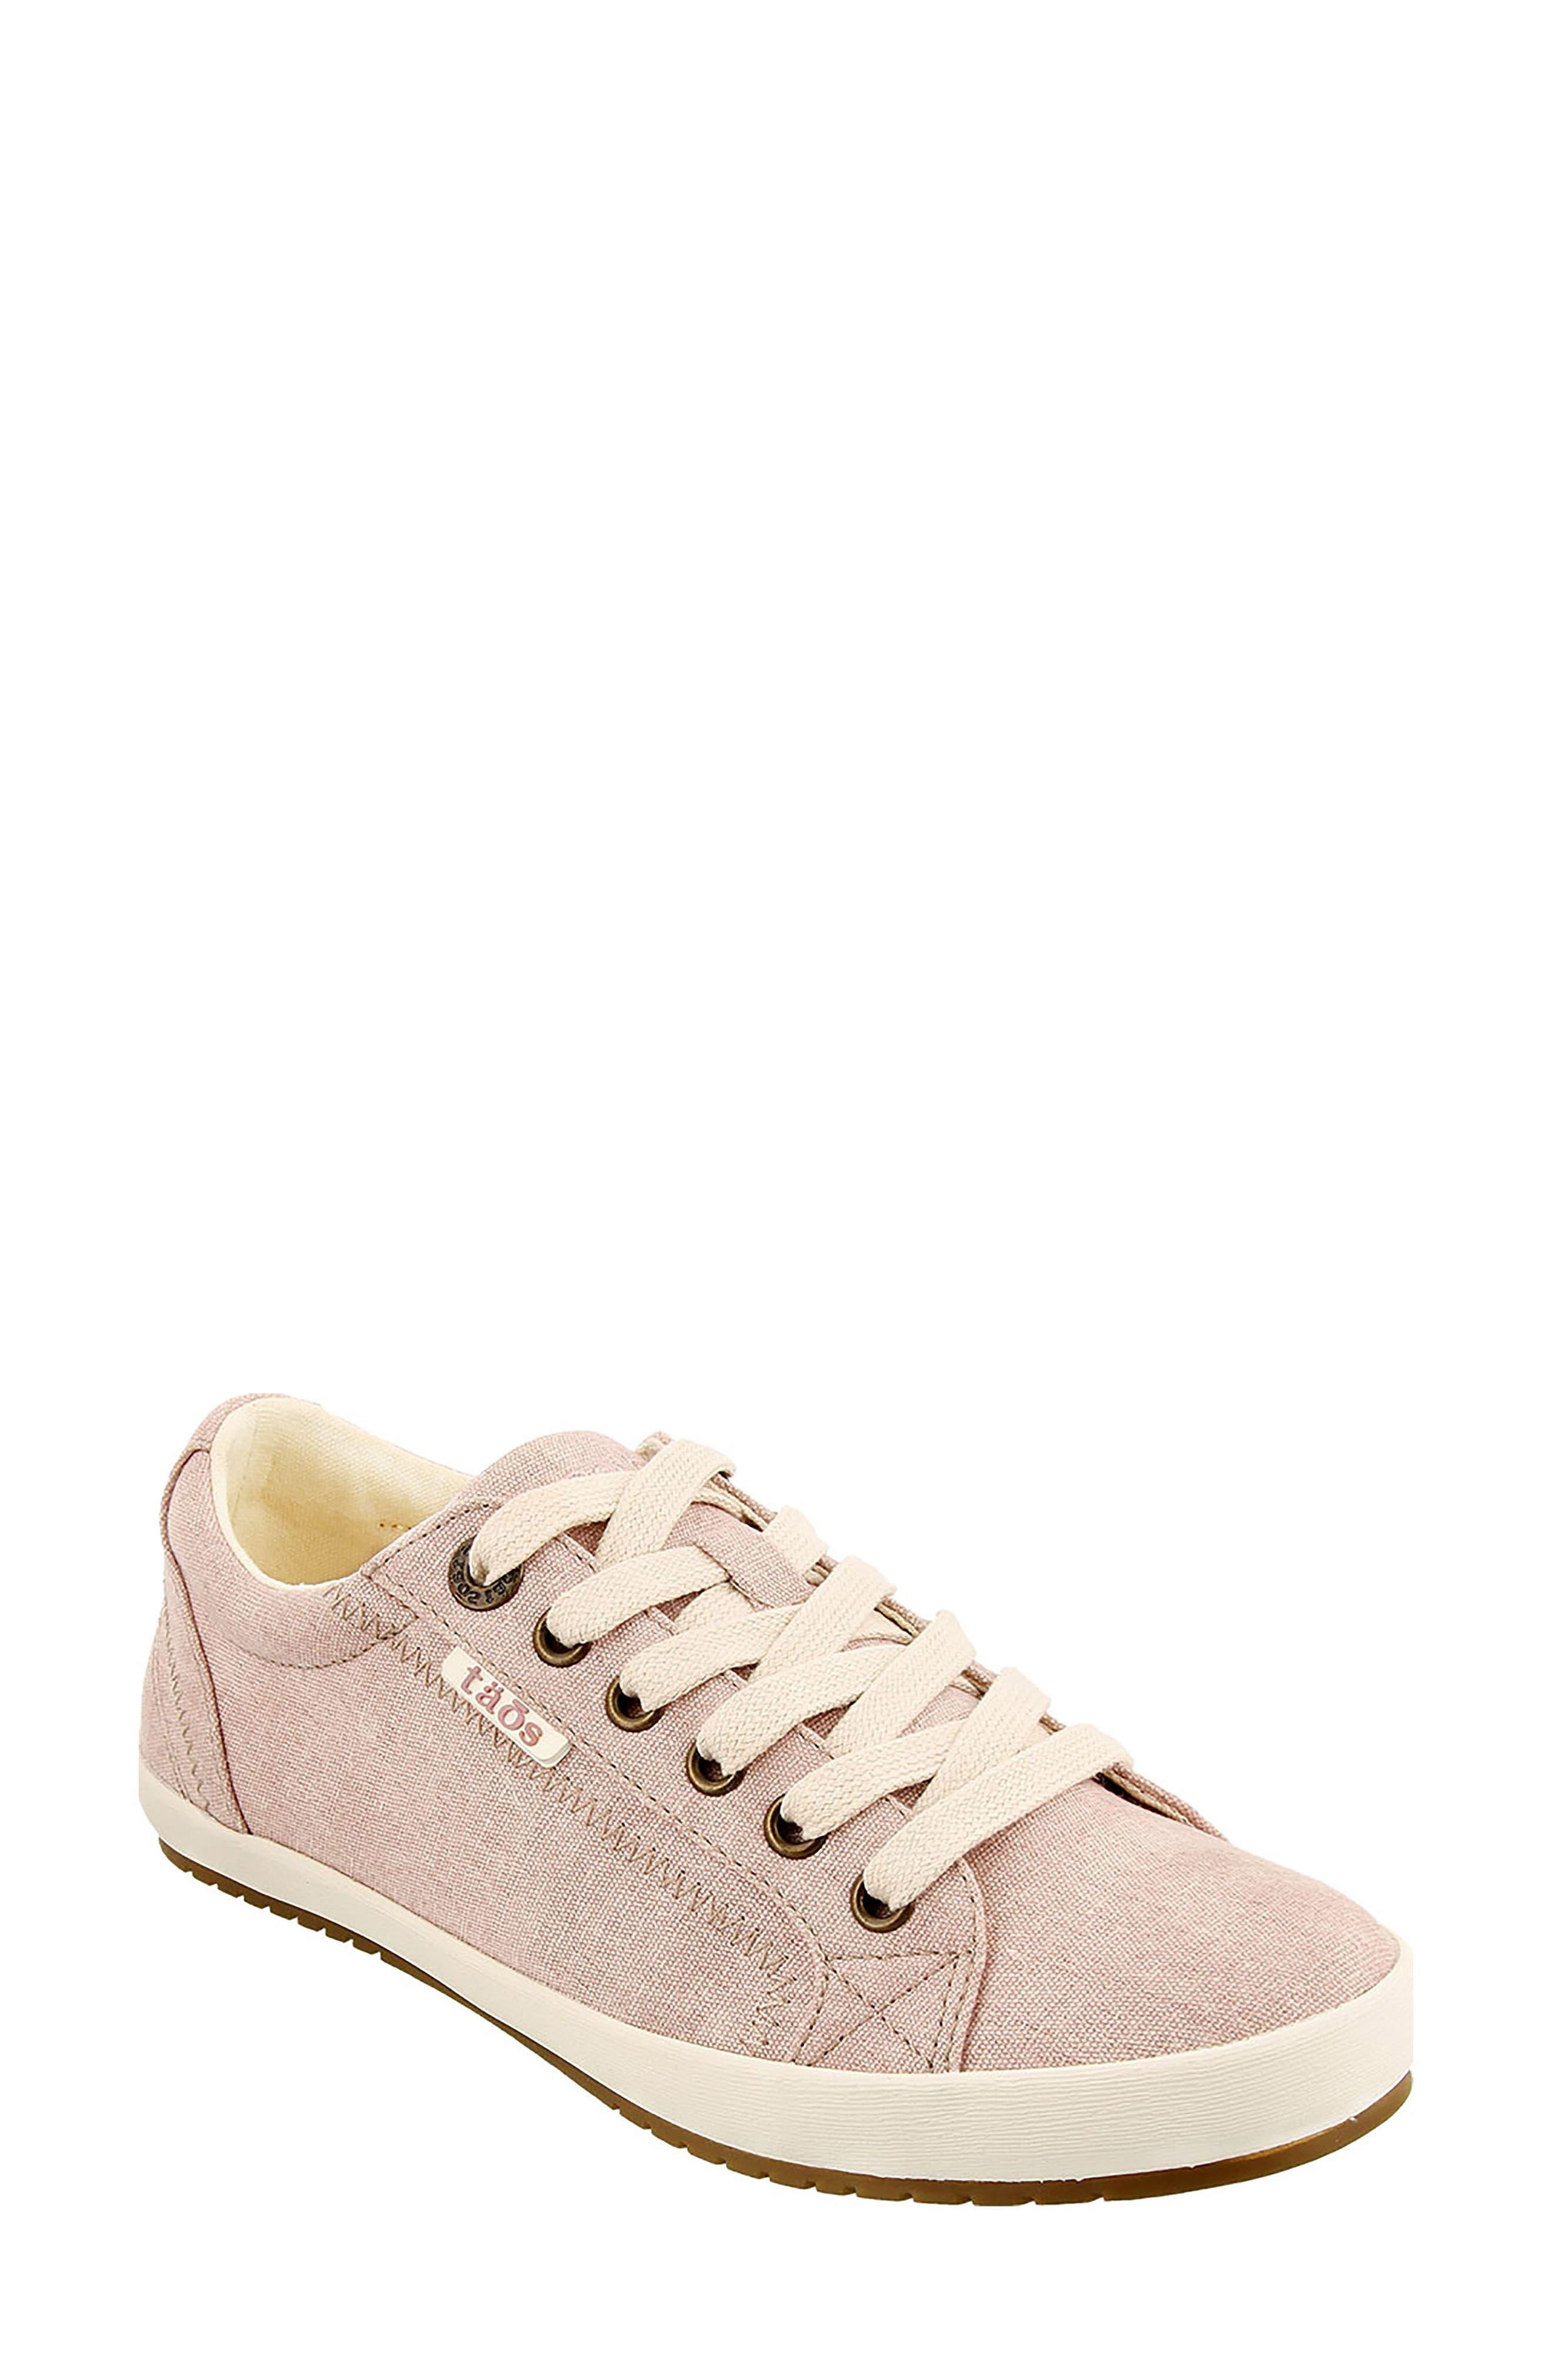 Taos 'Star' Sneaker (Women)